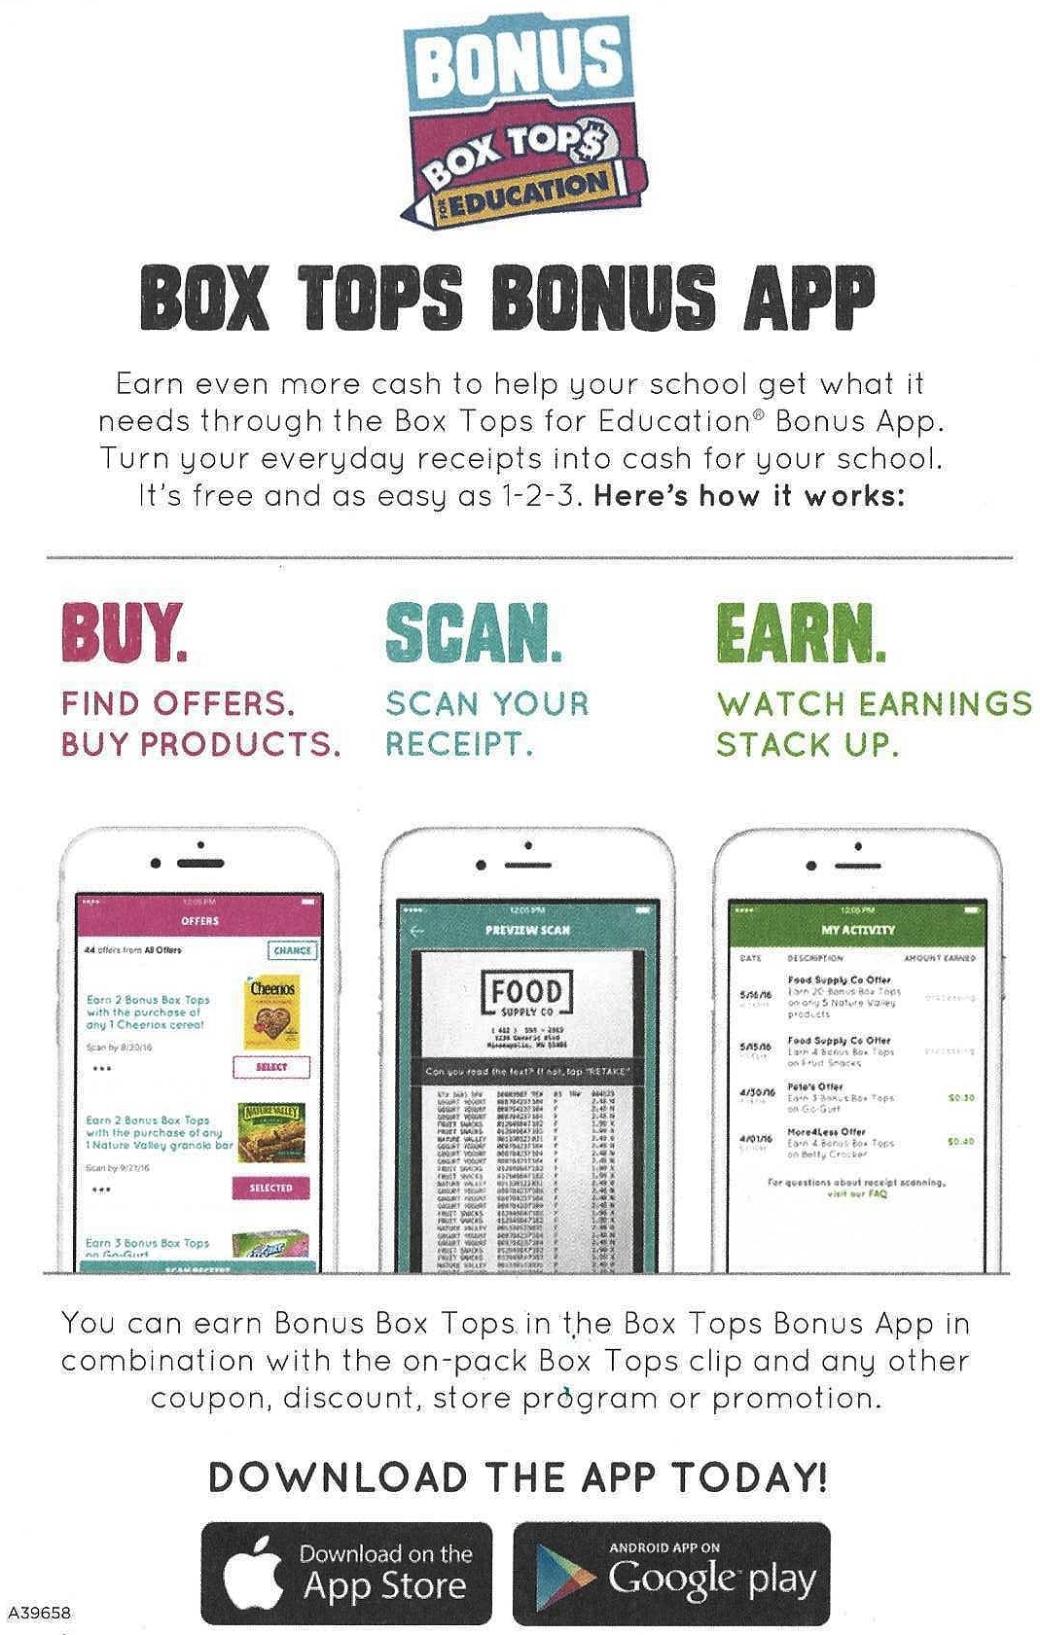 box-tops-bonus-app